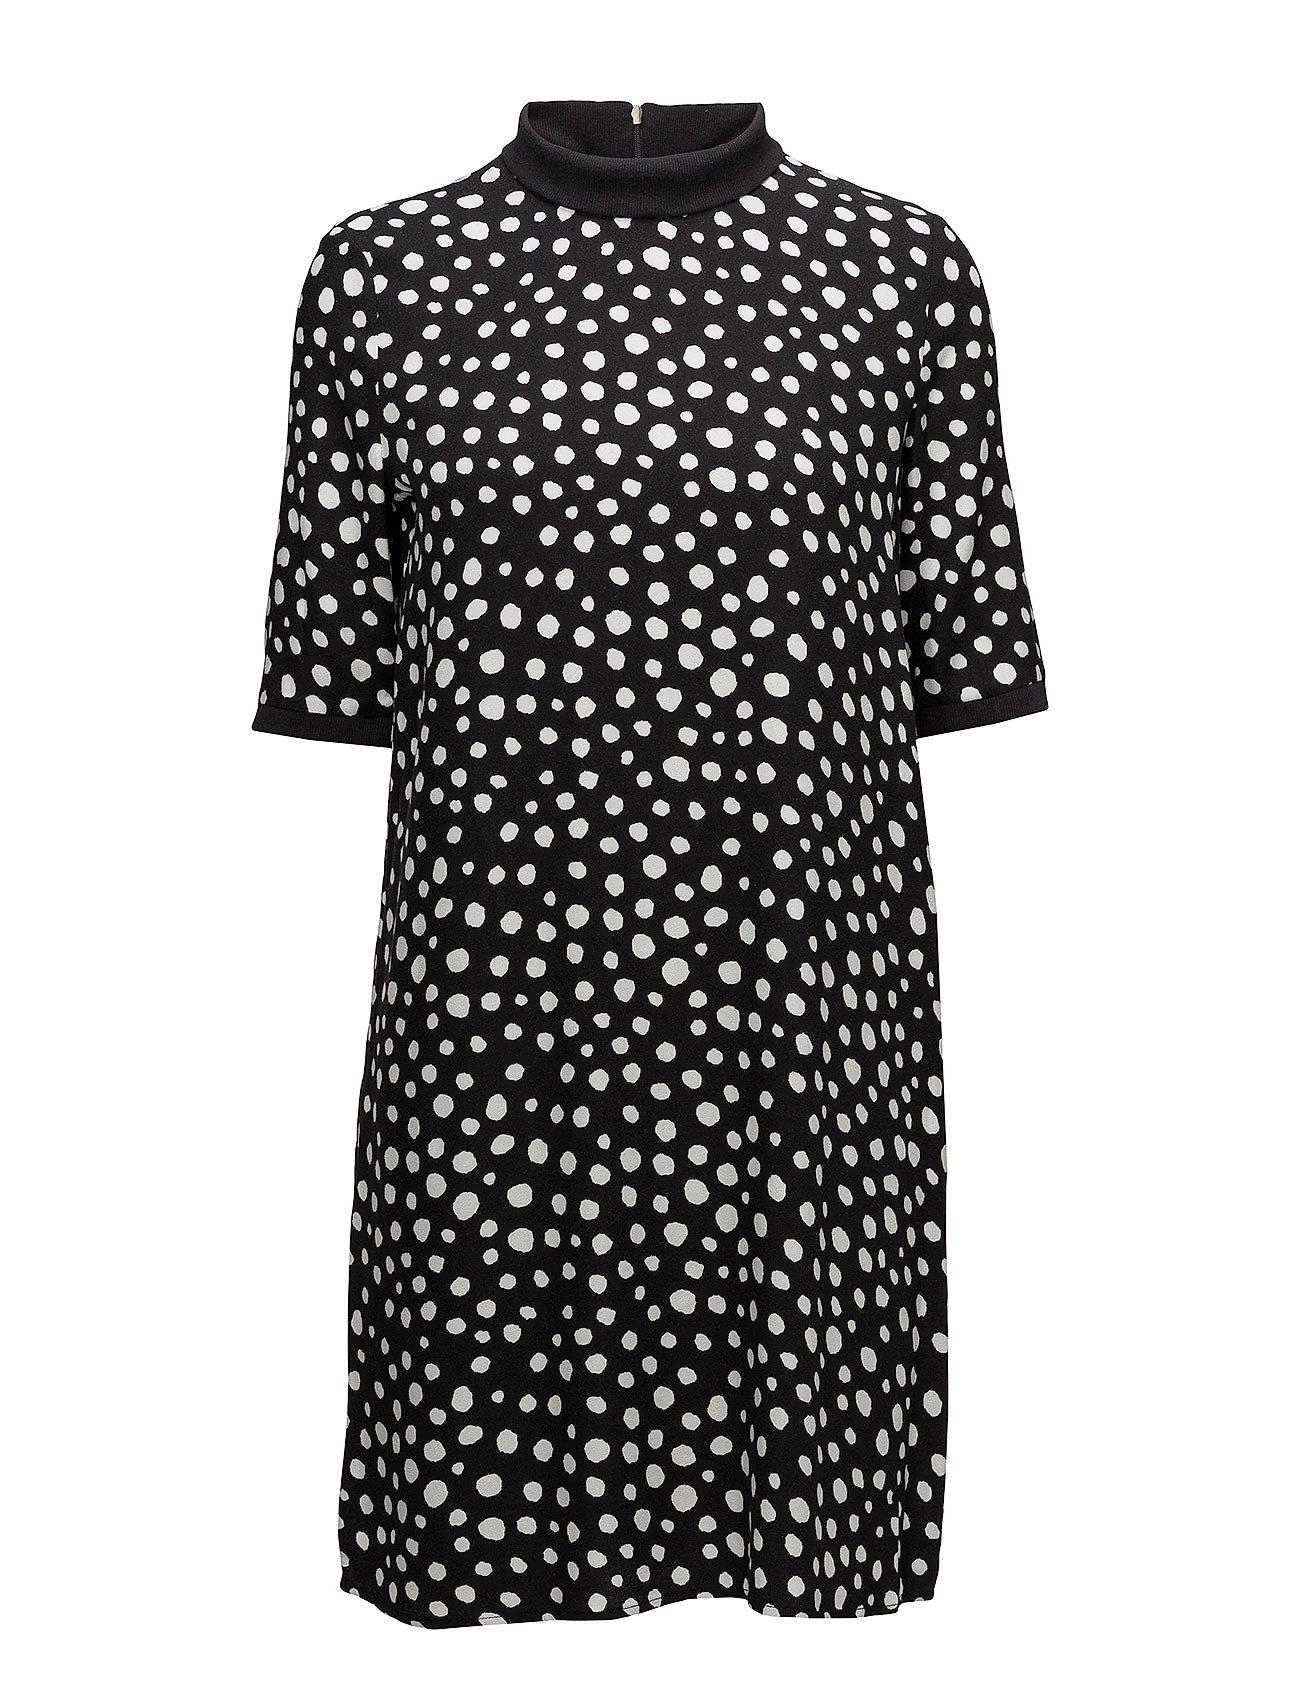 Esprit Collection Dresses Light Woven 334796956